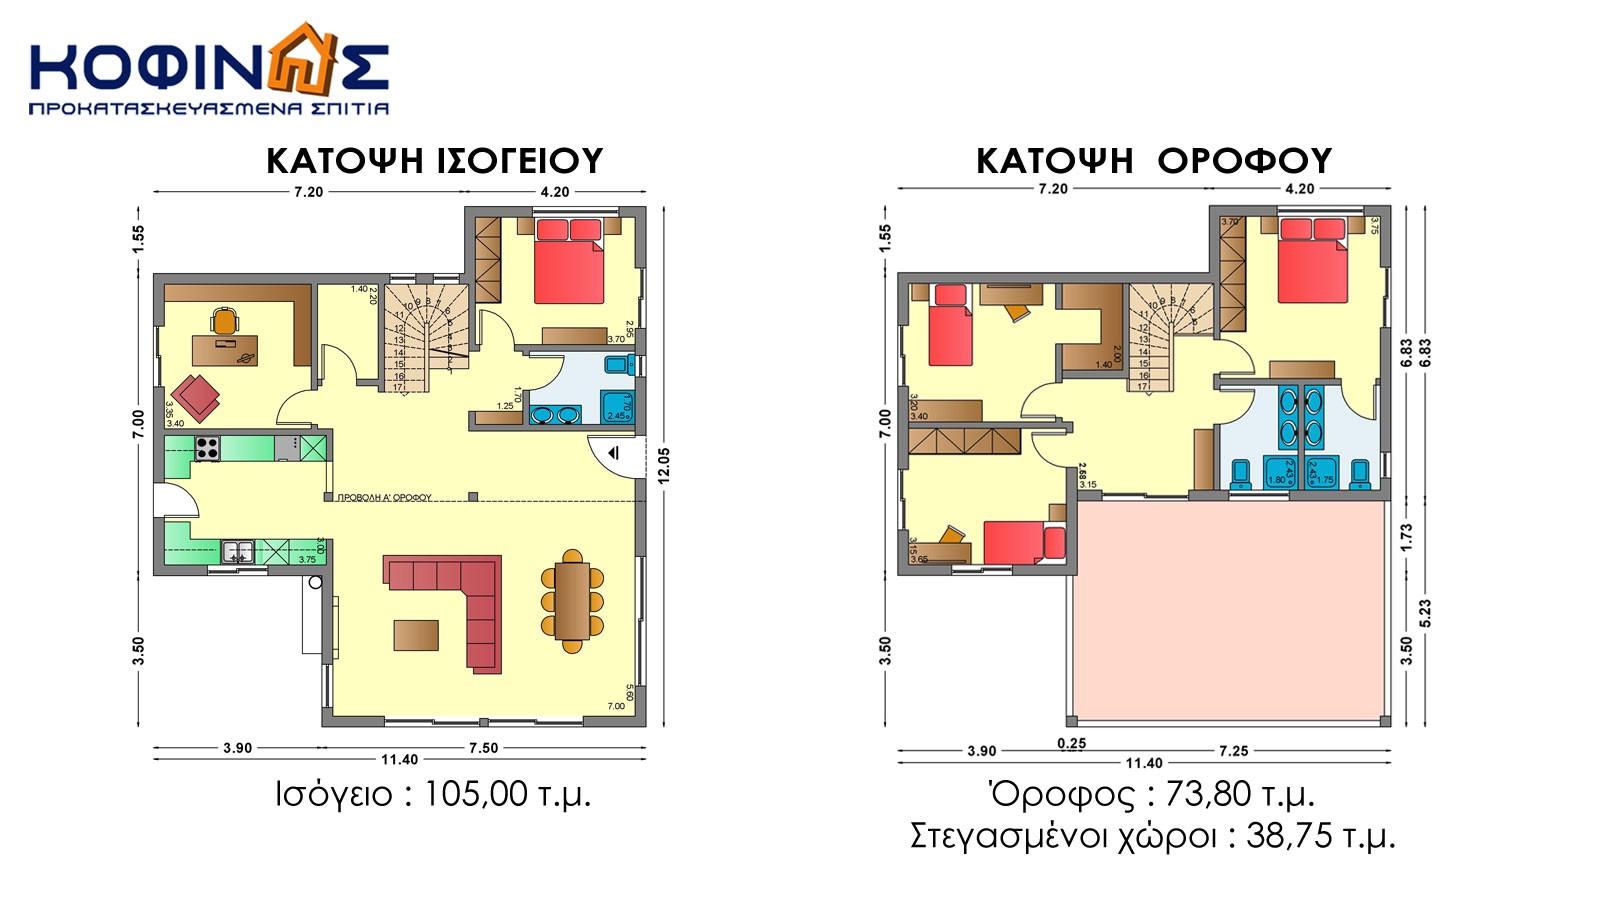 Διώροφη Κατοικία D-178, συνολικής επιφάνειας 178,80 τ.μ.